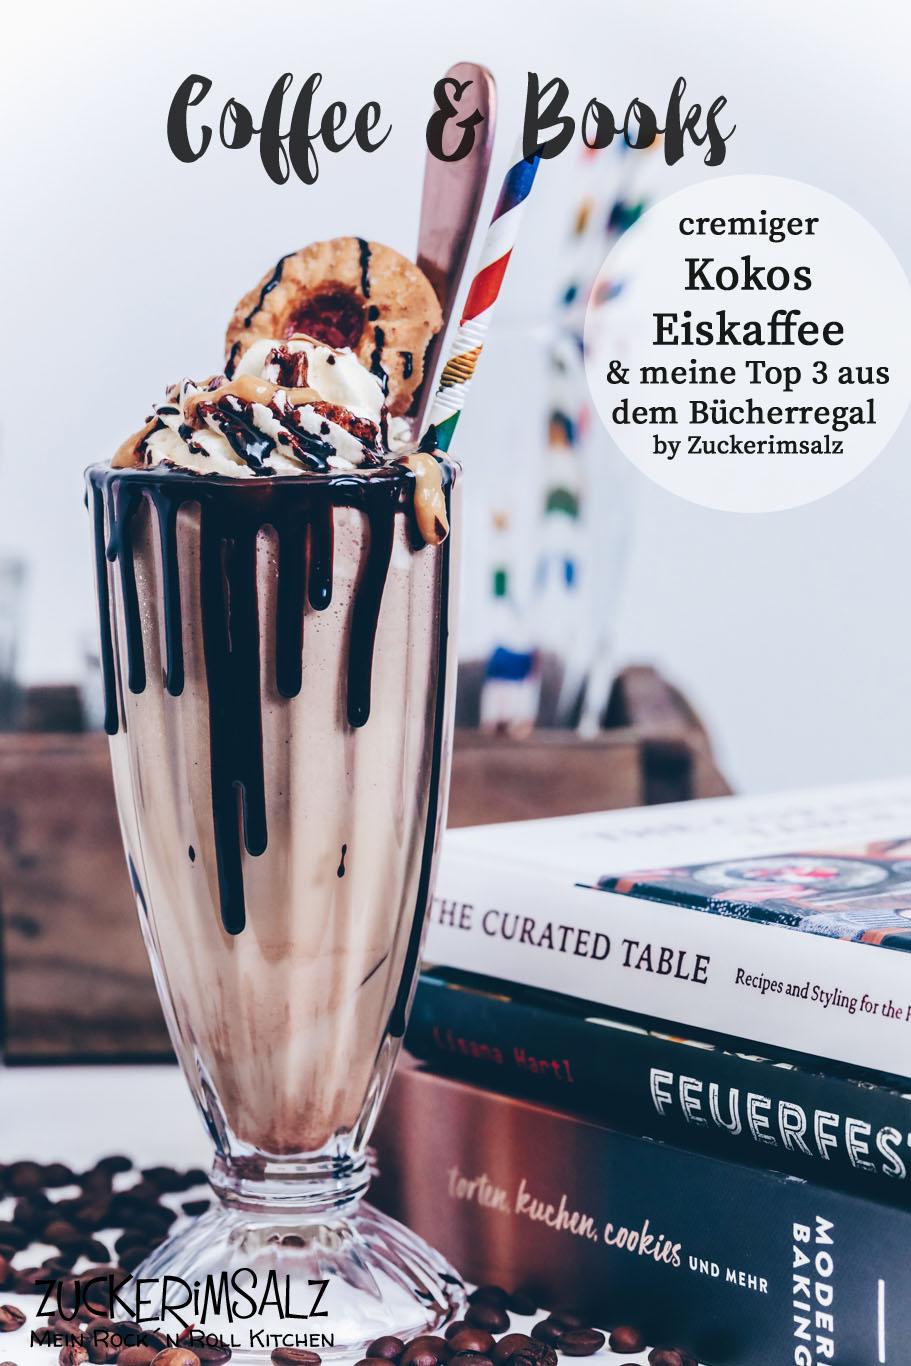 Cremiger Kokos EisKaffee mit selbstgemachtem Schokosirup und meine Top 3 aus dem Bücherregal | COFFEE & BOOKS